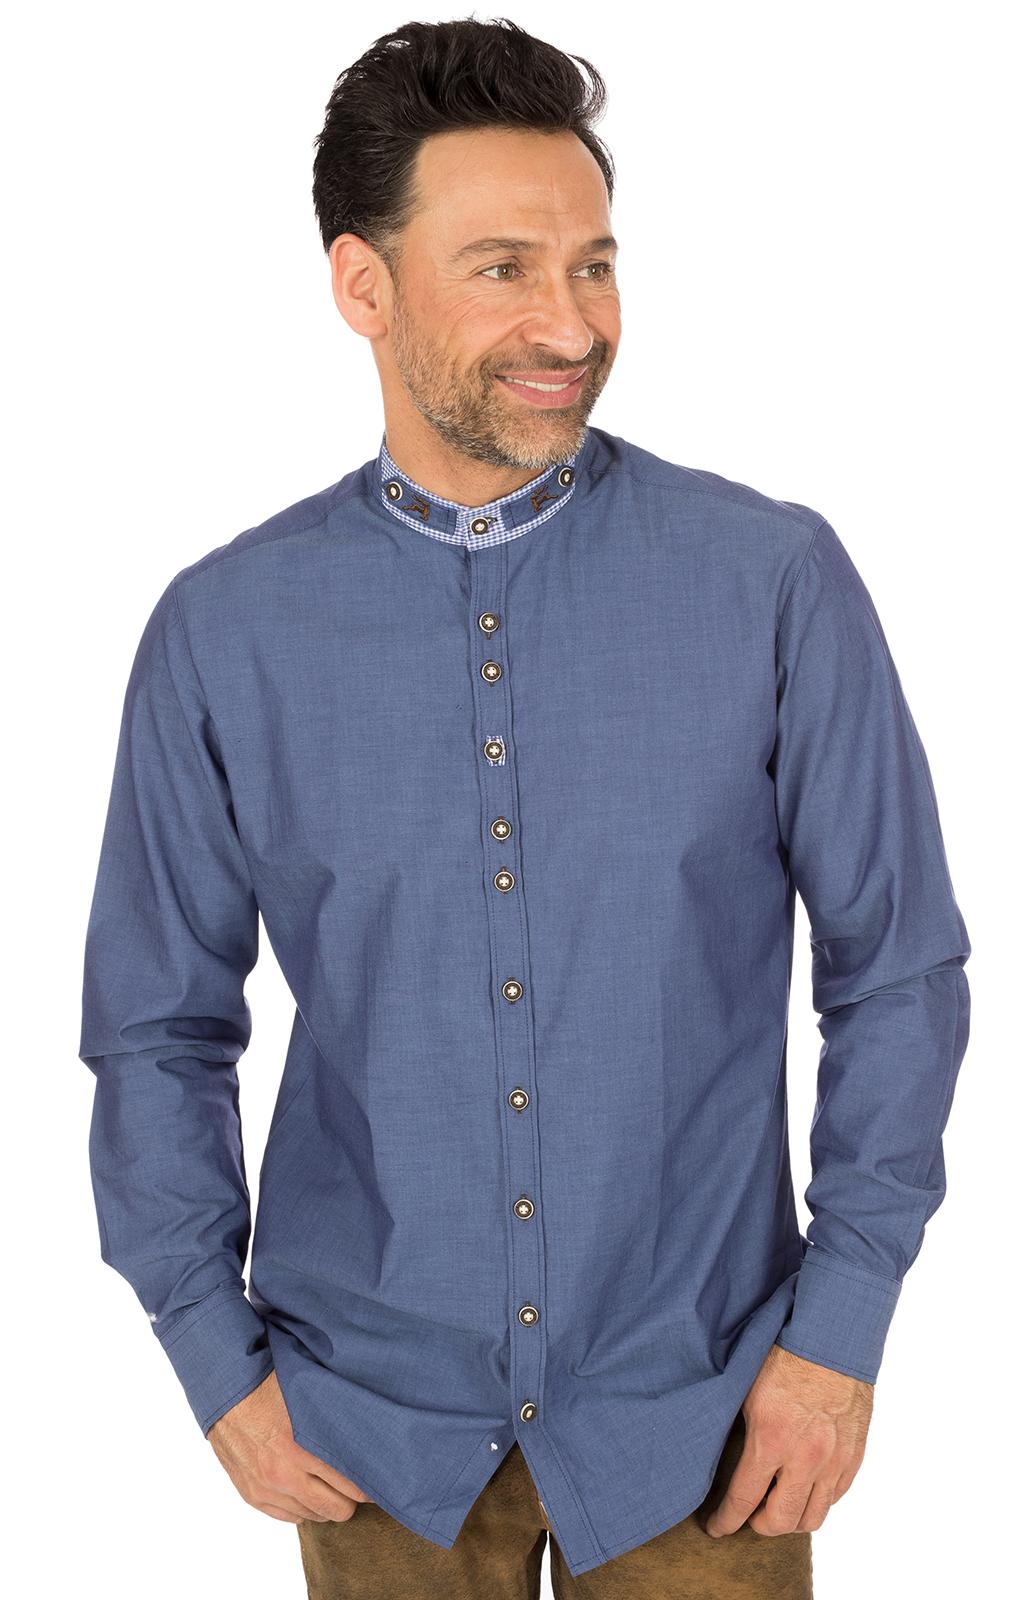 Trachtenhemd FERRY Stehkragen jeansblau von OS-Trachten